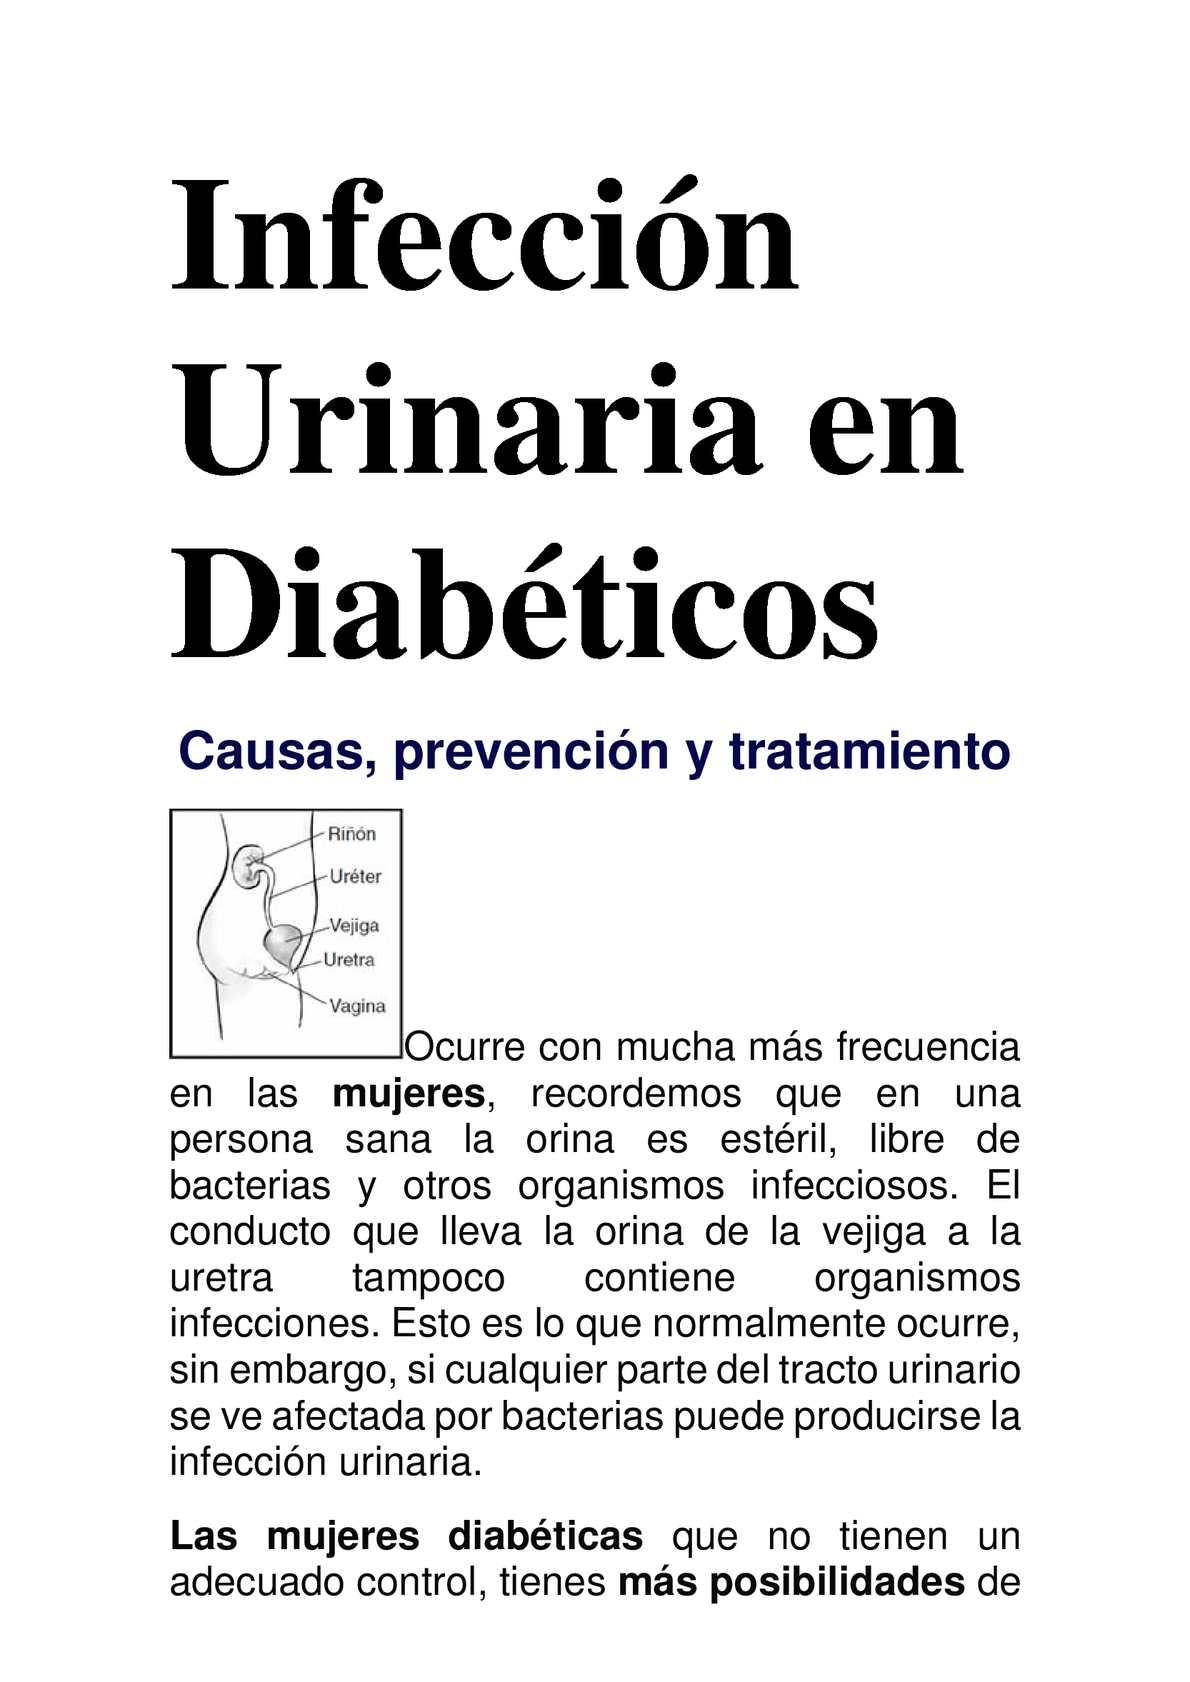 Infeccion urinaria sintomas mujeres